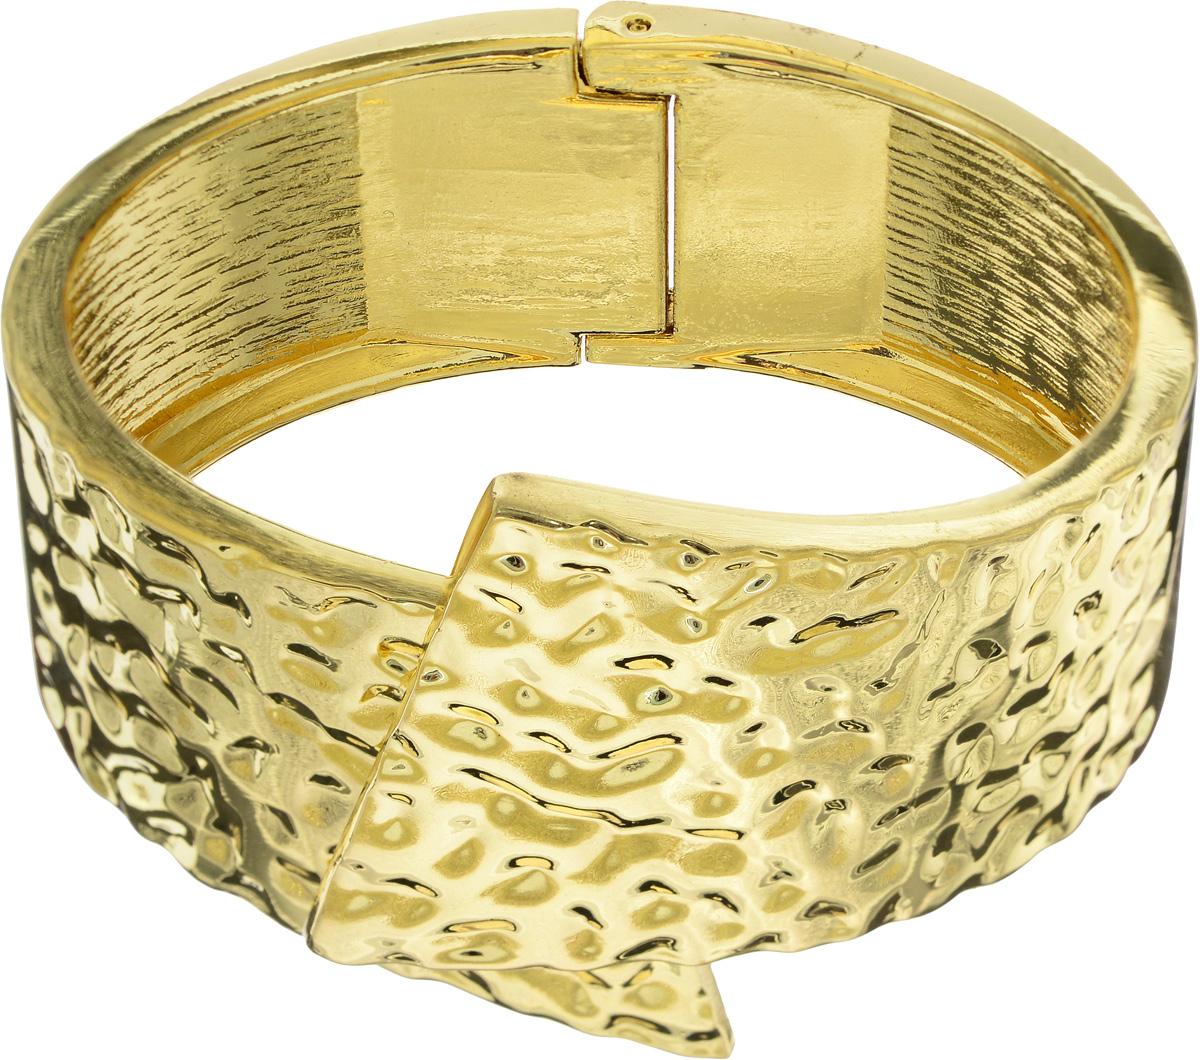 Браслет Taya, цвет: золотистый. T-B-10839-BRAC-GOLDT-B-10839-BRAC-GOLDБраслет современного дизайна Taya изготовлен из металлического сплава. Лицевая часть изделия оформлена декоративным рельефом. Оригинальный браслет придаст вашему образу изюминку, подчеркнет красоту и изящество вечернего платья или преобразит повседневный наряд.